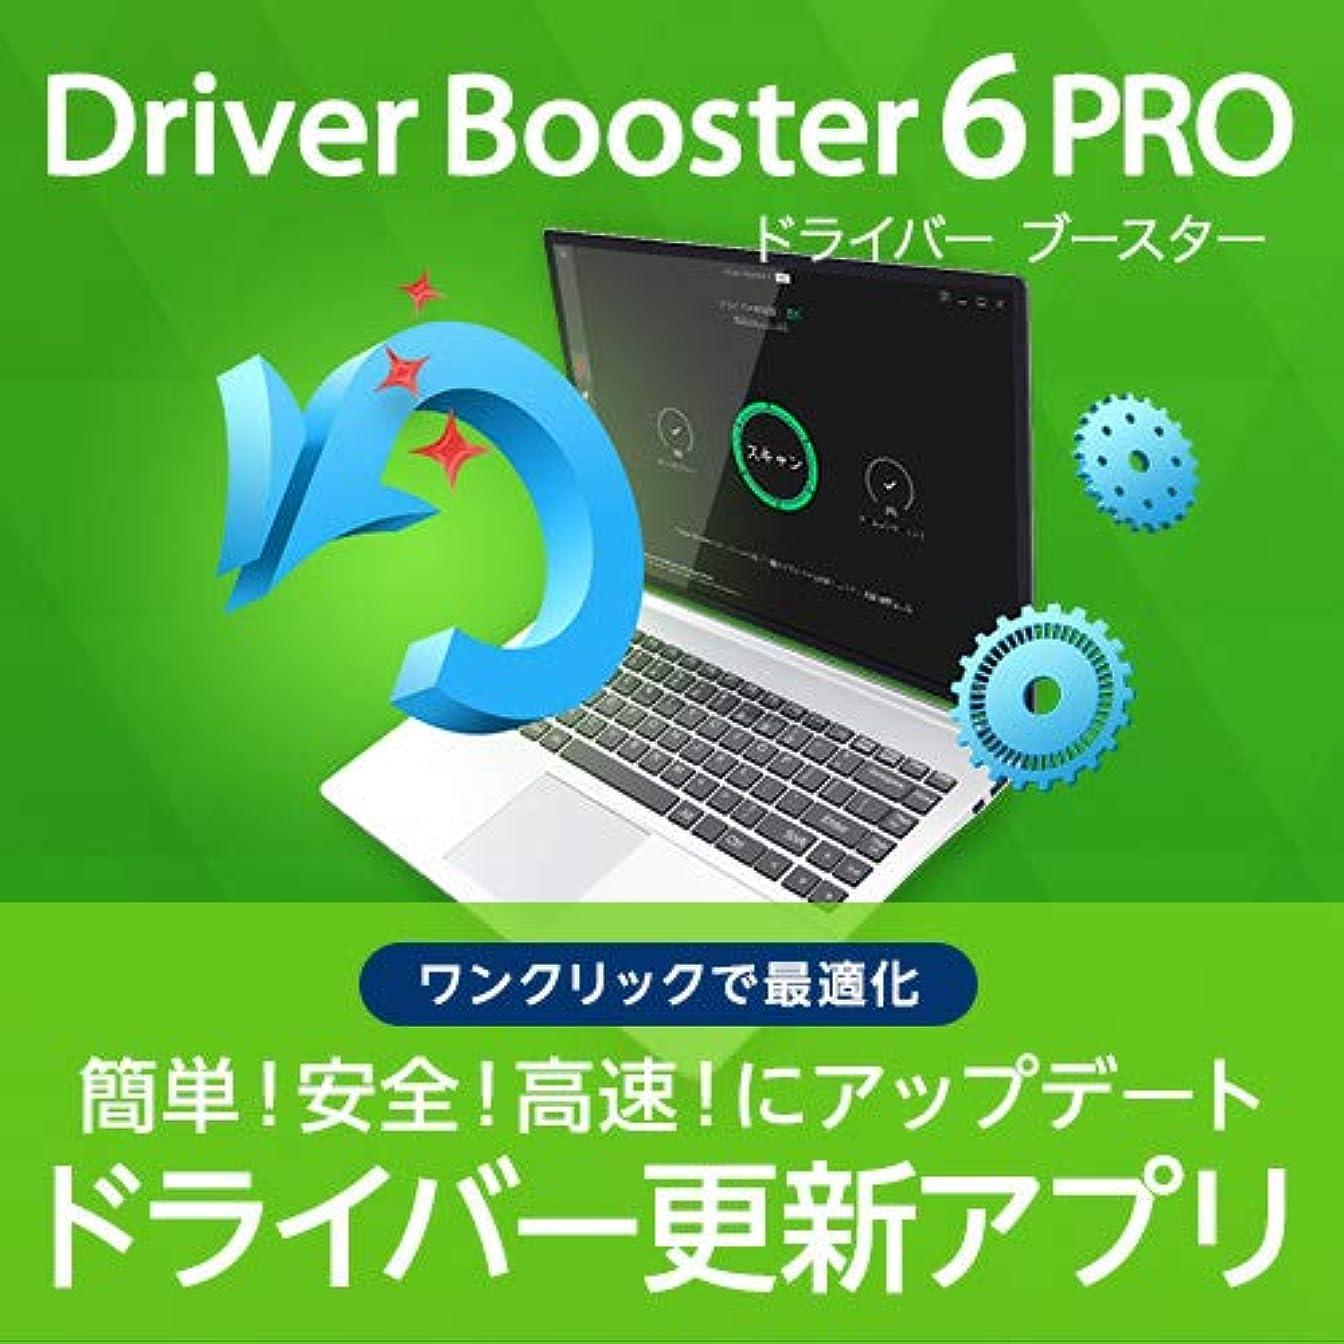 アーカイブ残酷な単独で【無料版】 Driver Booster 6 Free 【ドライバー?コンポーネントをワンクリックで高速更新/PC待機中に自動更新/ドライバーのバックアップと復元】|ダウンロード版